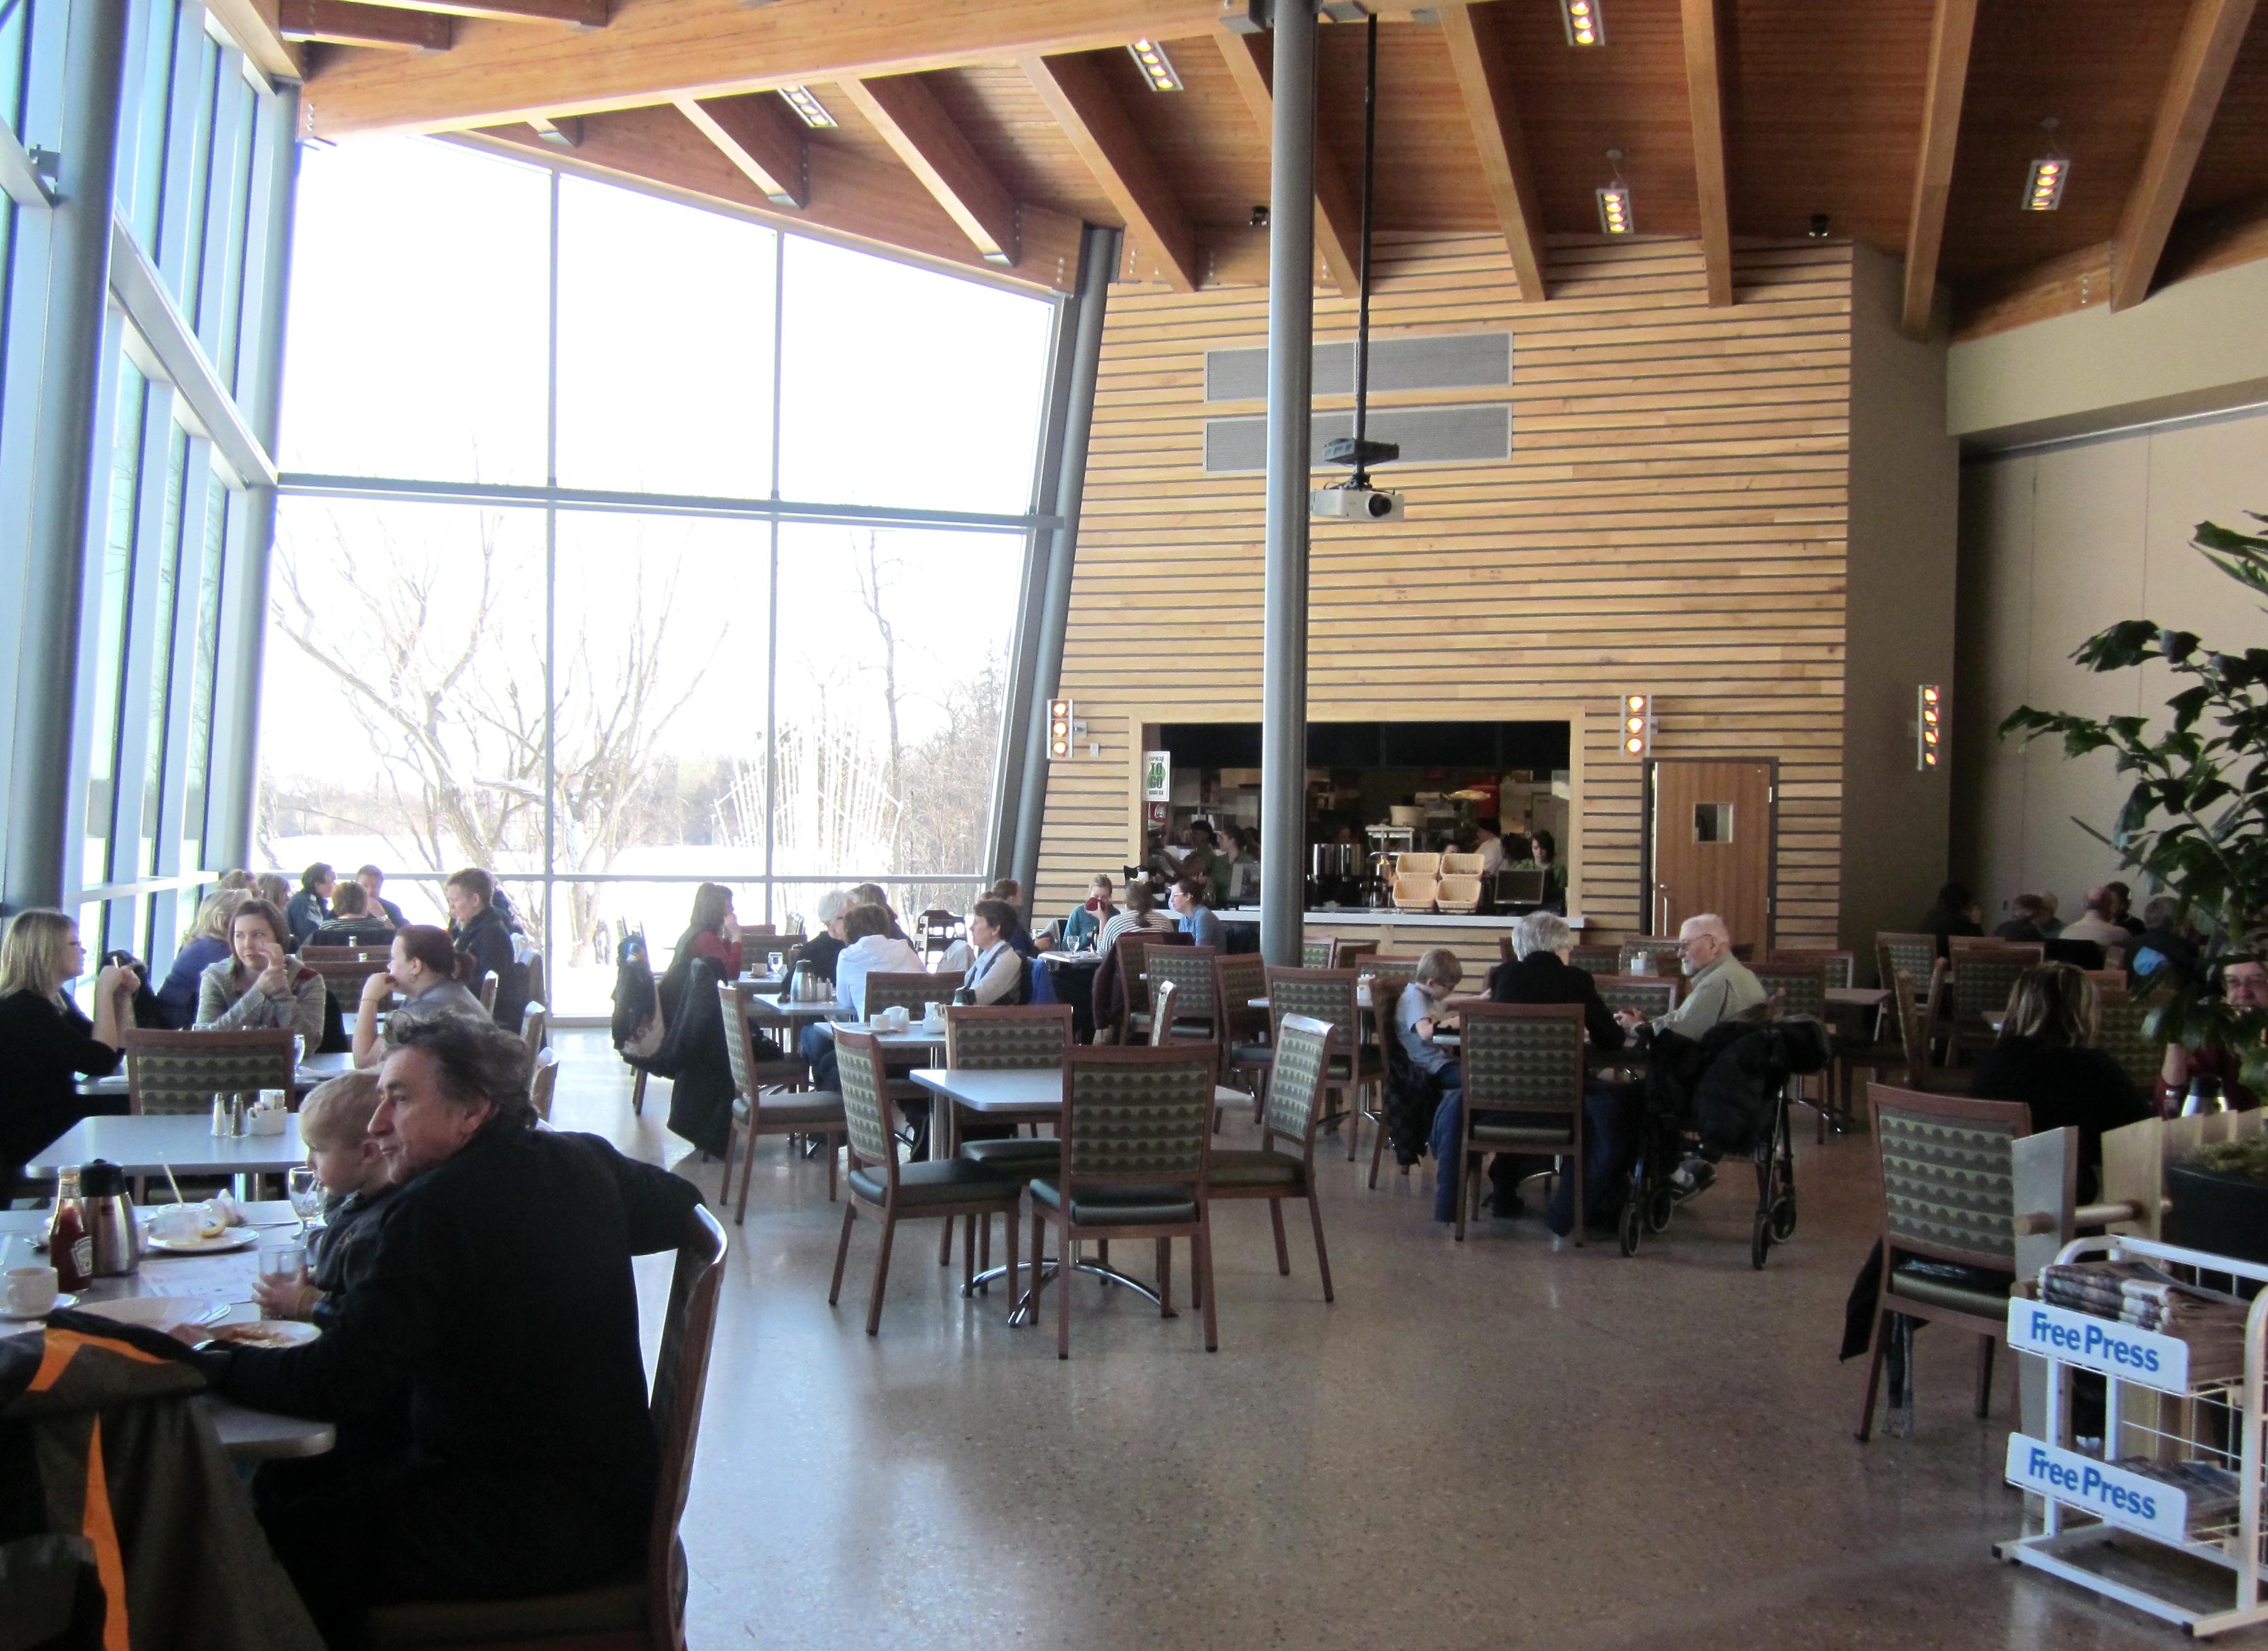 Assiniboine Park Cafe